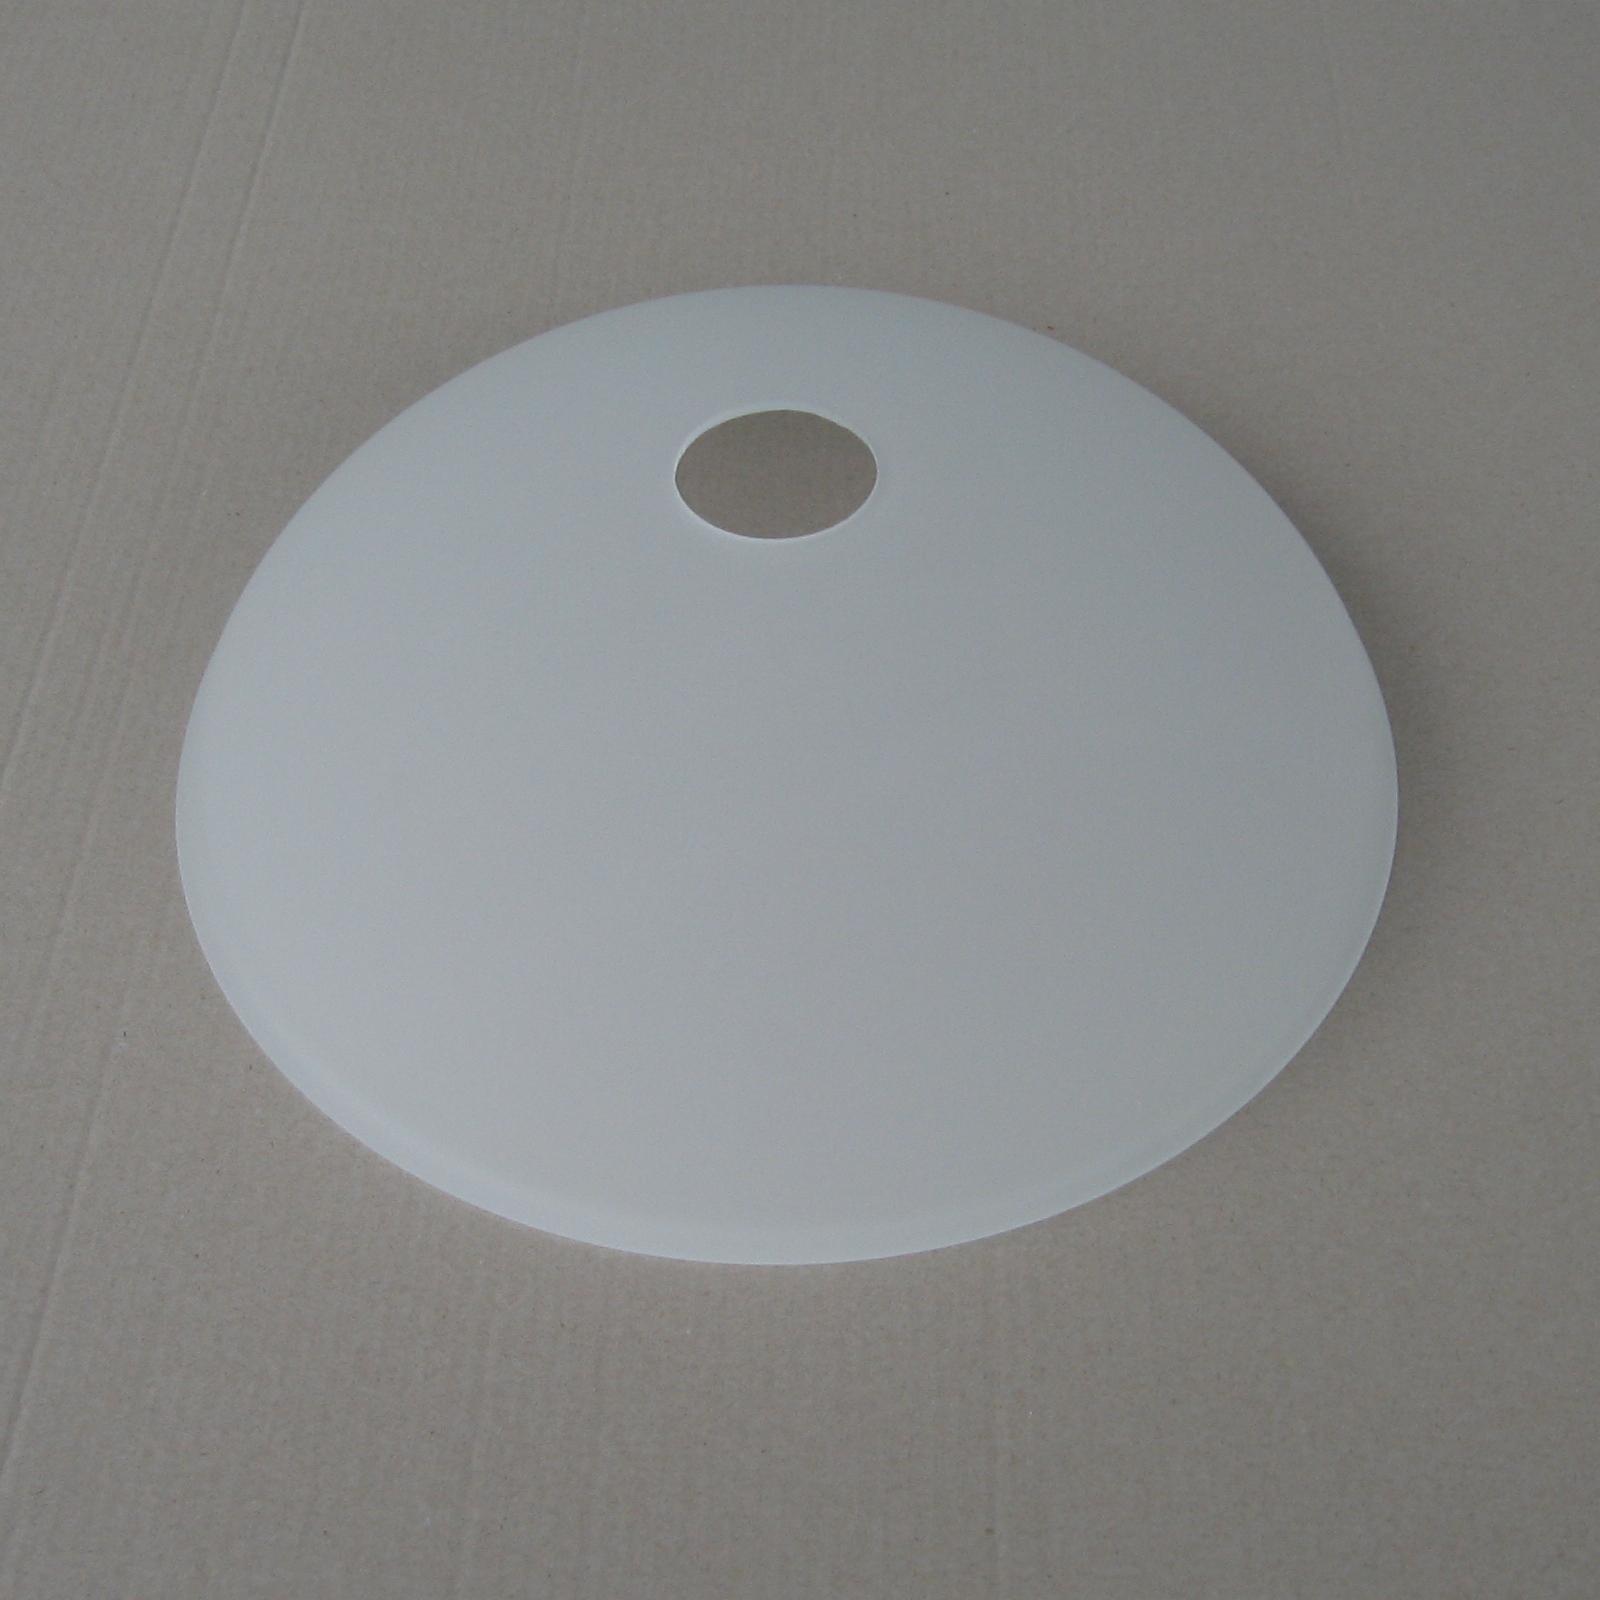 Klosz E27 Miska Szkło Białedo Lampy Podłogowejsufitowej